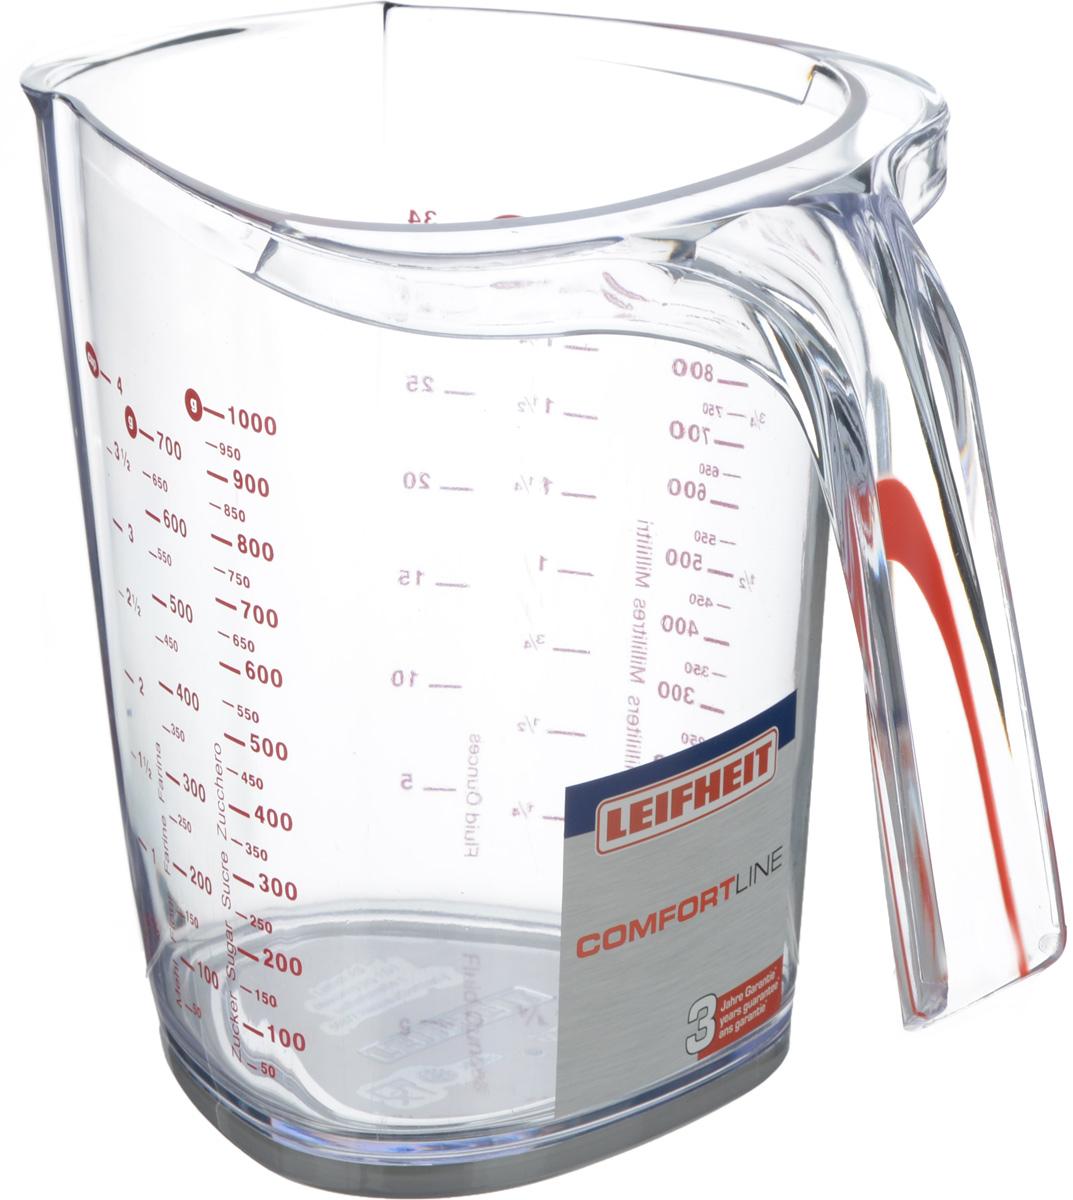 Кружка мерная Leifheit Comfortline, цвет: прозрачный, красный, 1 л терка для сыра leifheit comfortline